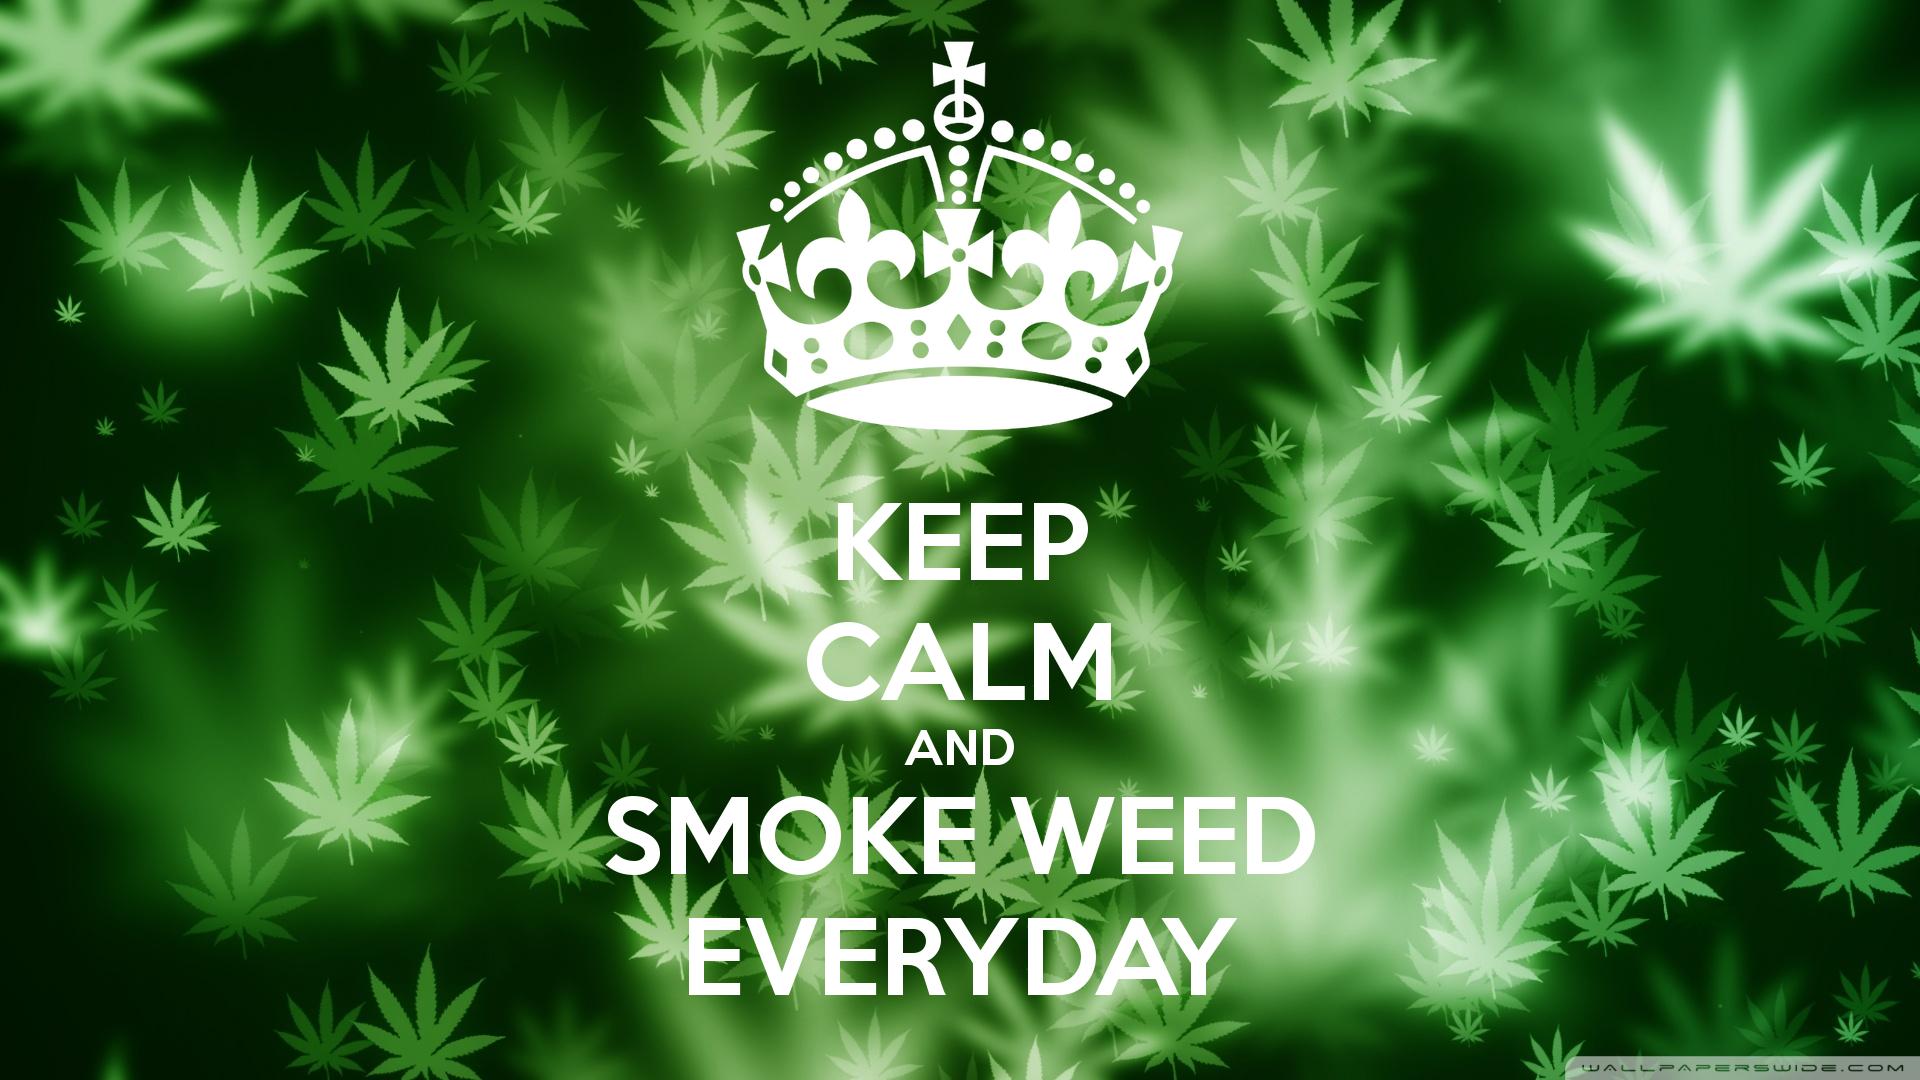 [45+] Smoking Weed Wallpaper on WallpaperSafari